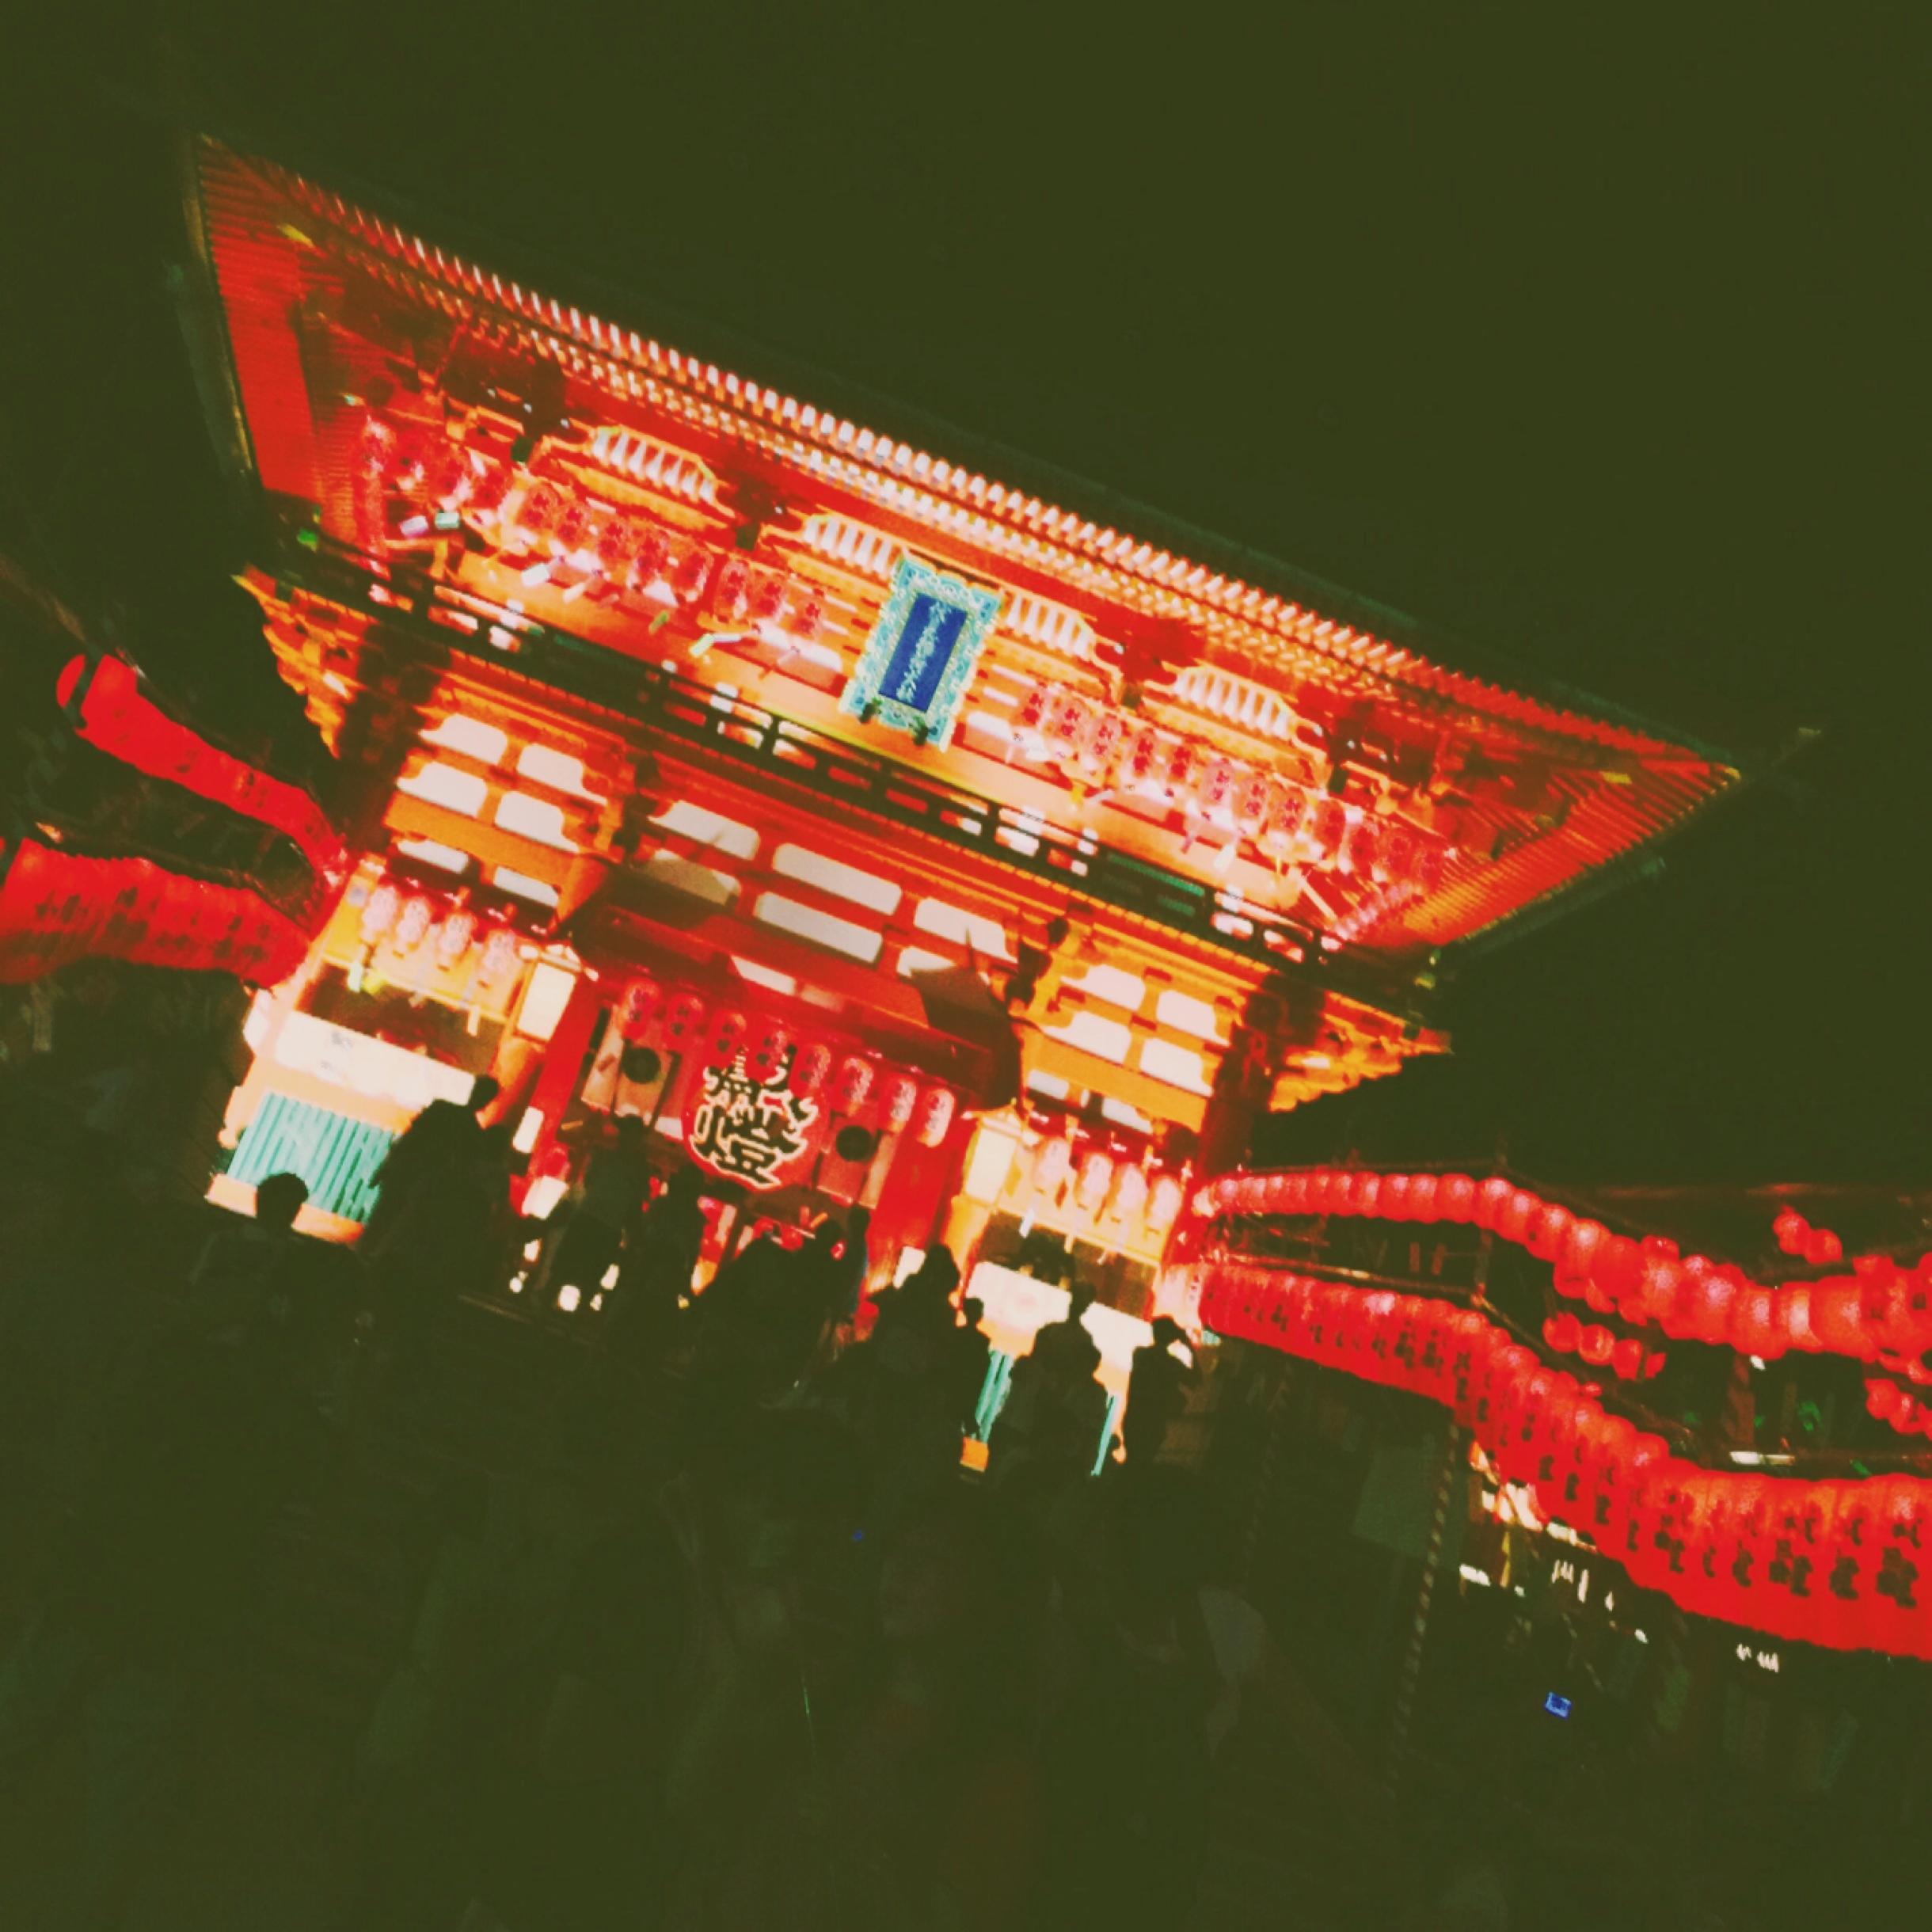 【京都の夏の風物詩】伏見稲荷大社の本宮祭に行こう⚐⚑⚐゛_1_1